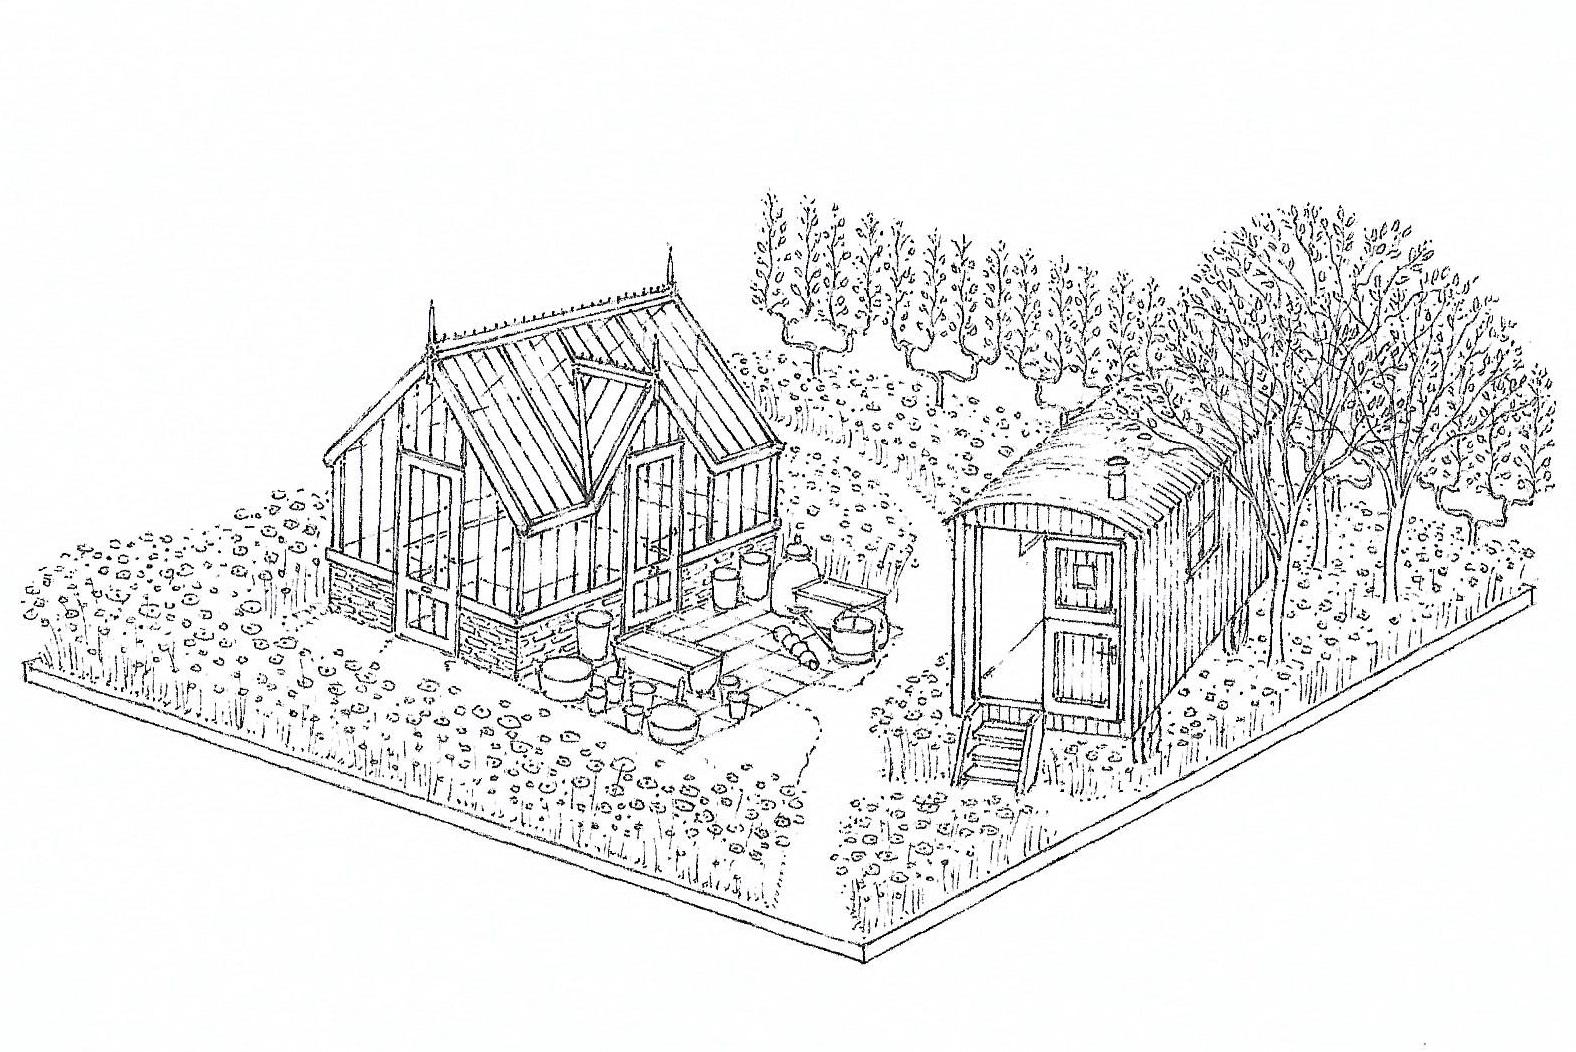 Mark Diacono Chelsea 2018 Show Garden Plans